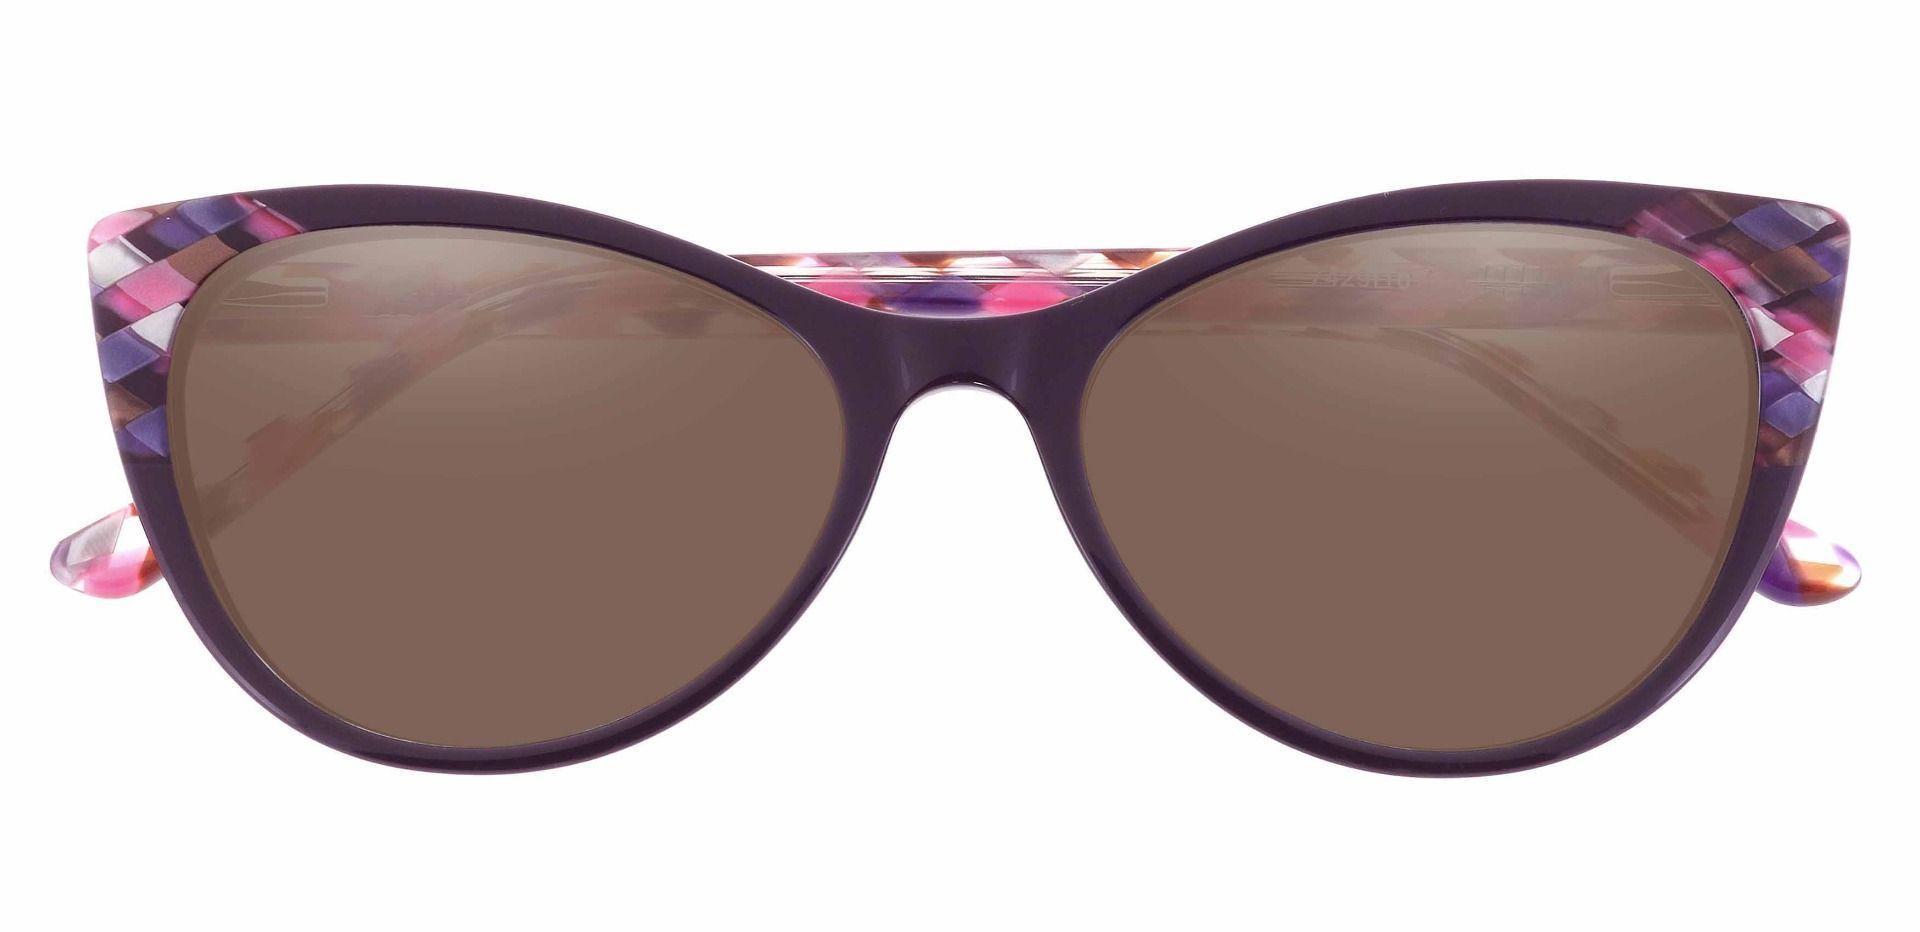 Mavis Cat Eye Prescription Sunglasses - Pink Frame With Brown Lenses